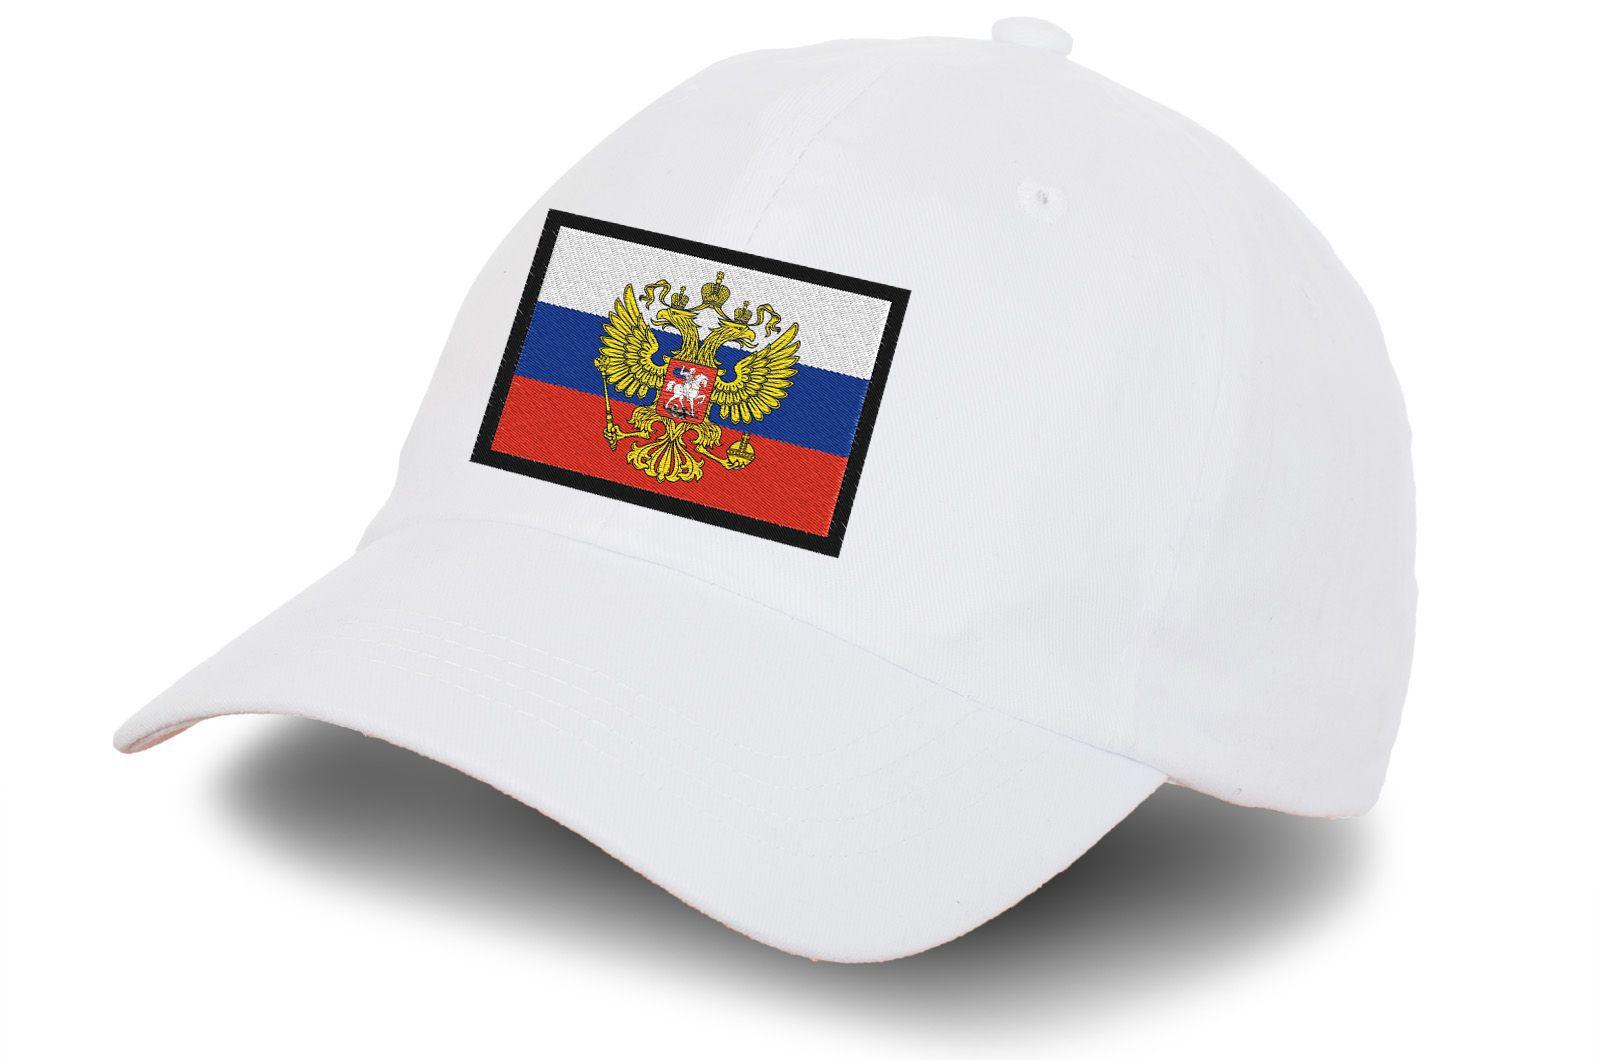 Кепка с российской символикой - купить онлайн